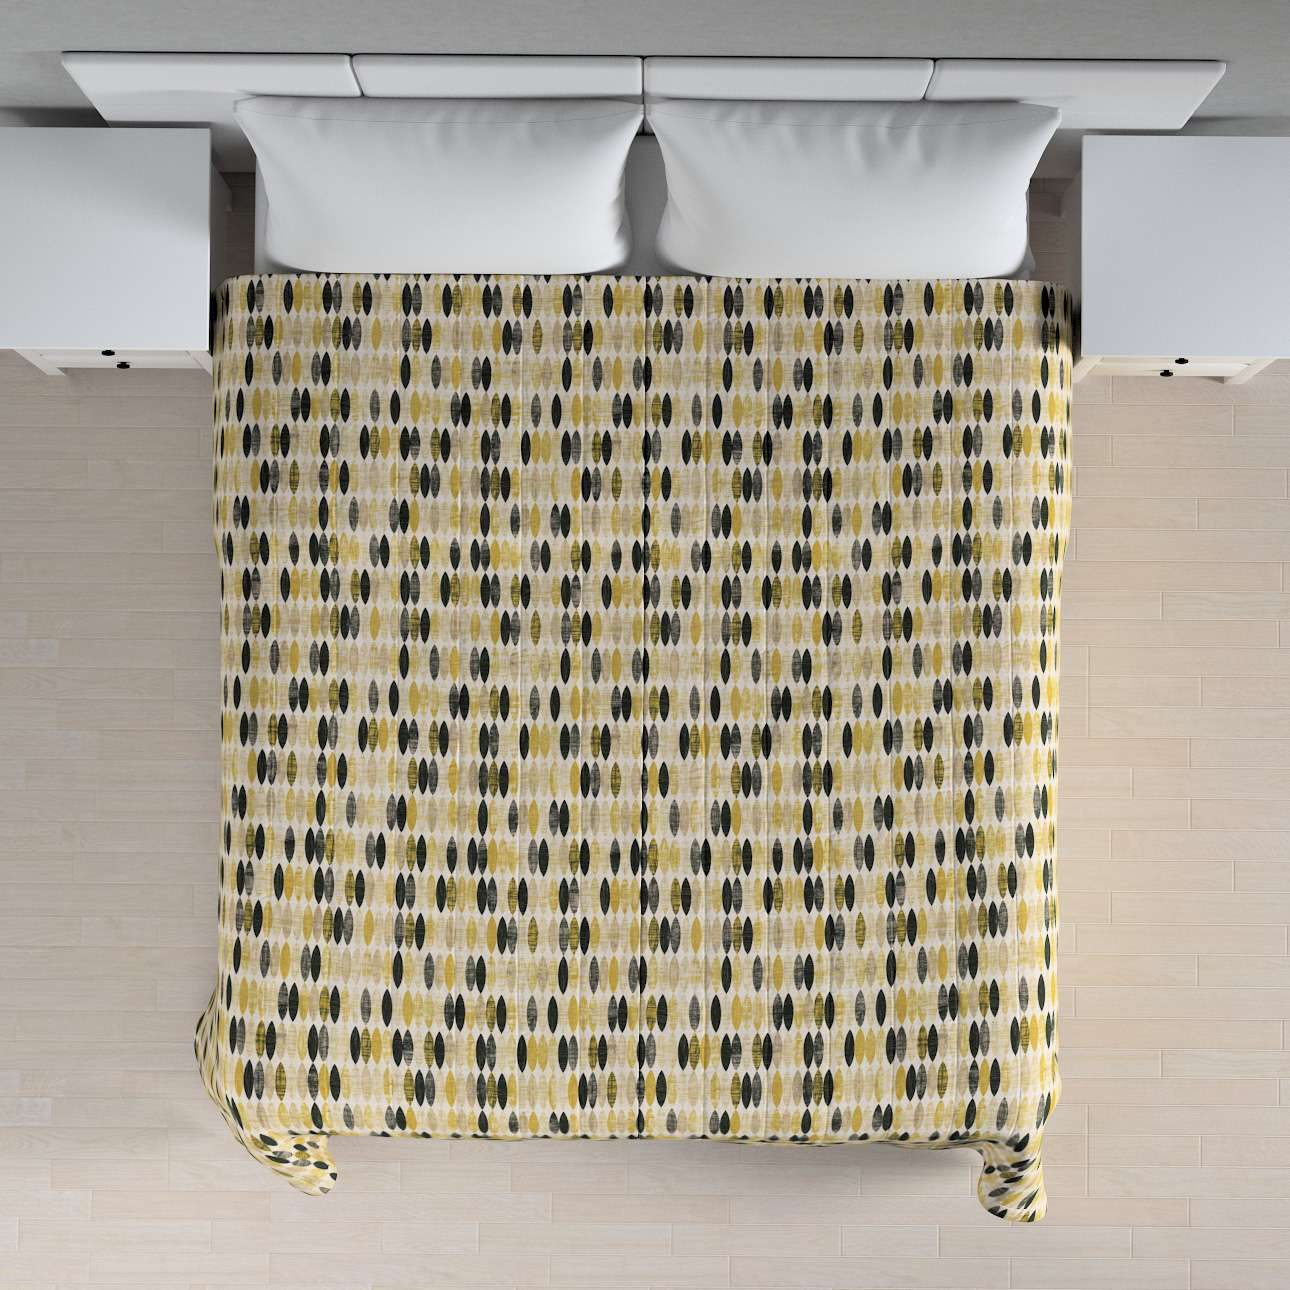 Narzuta pikowana w pasy w kolekcji Modern, tkanina: 142-99